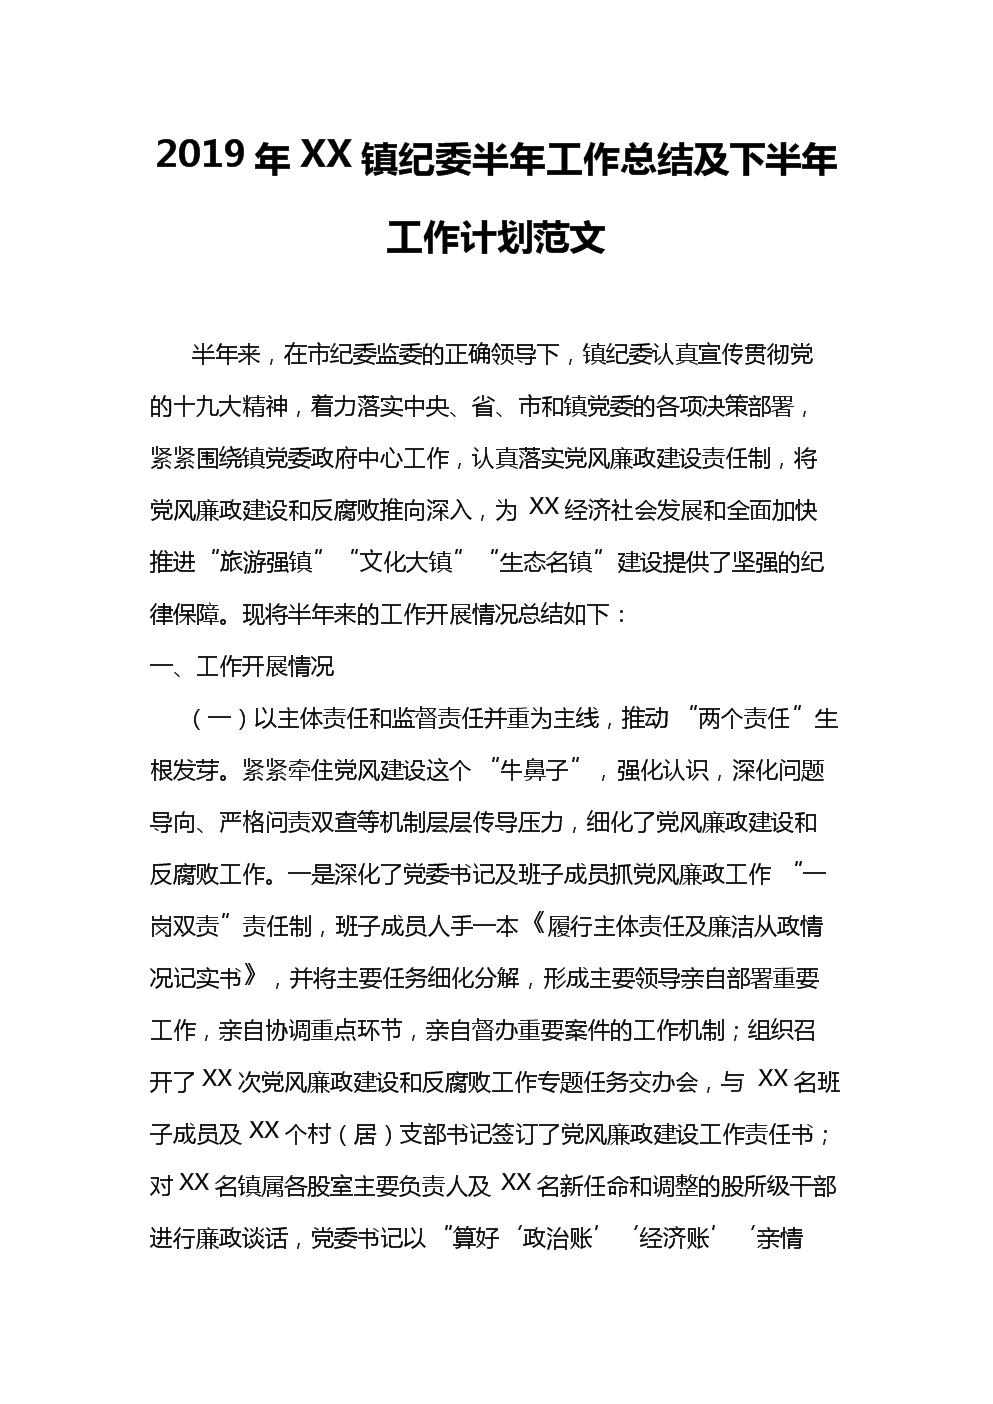 2019年XX镇纪委半年工作总结及下半年工作计划范文.doc